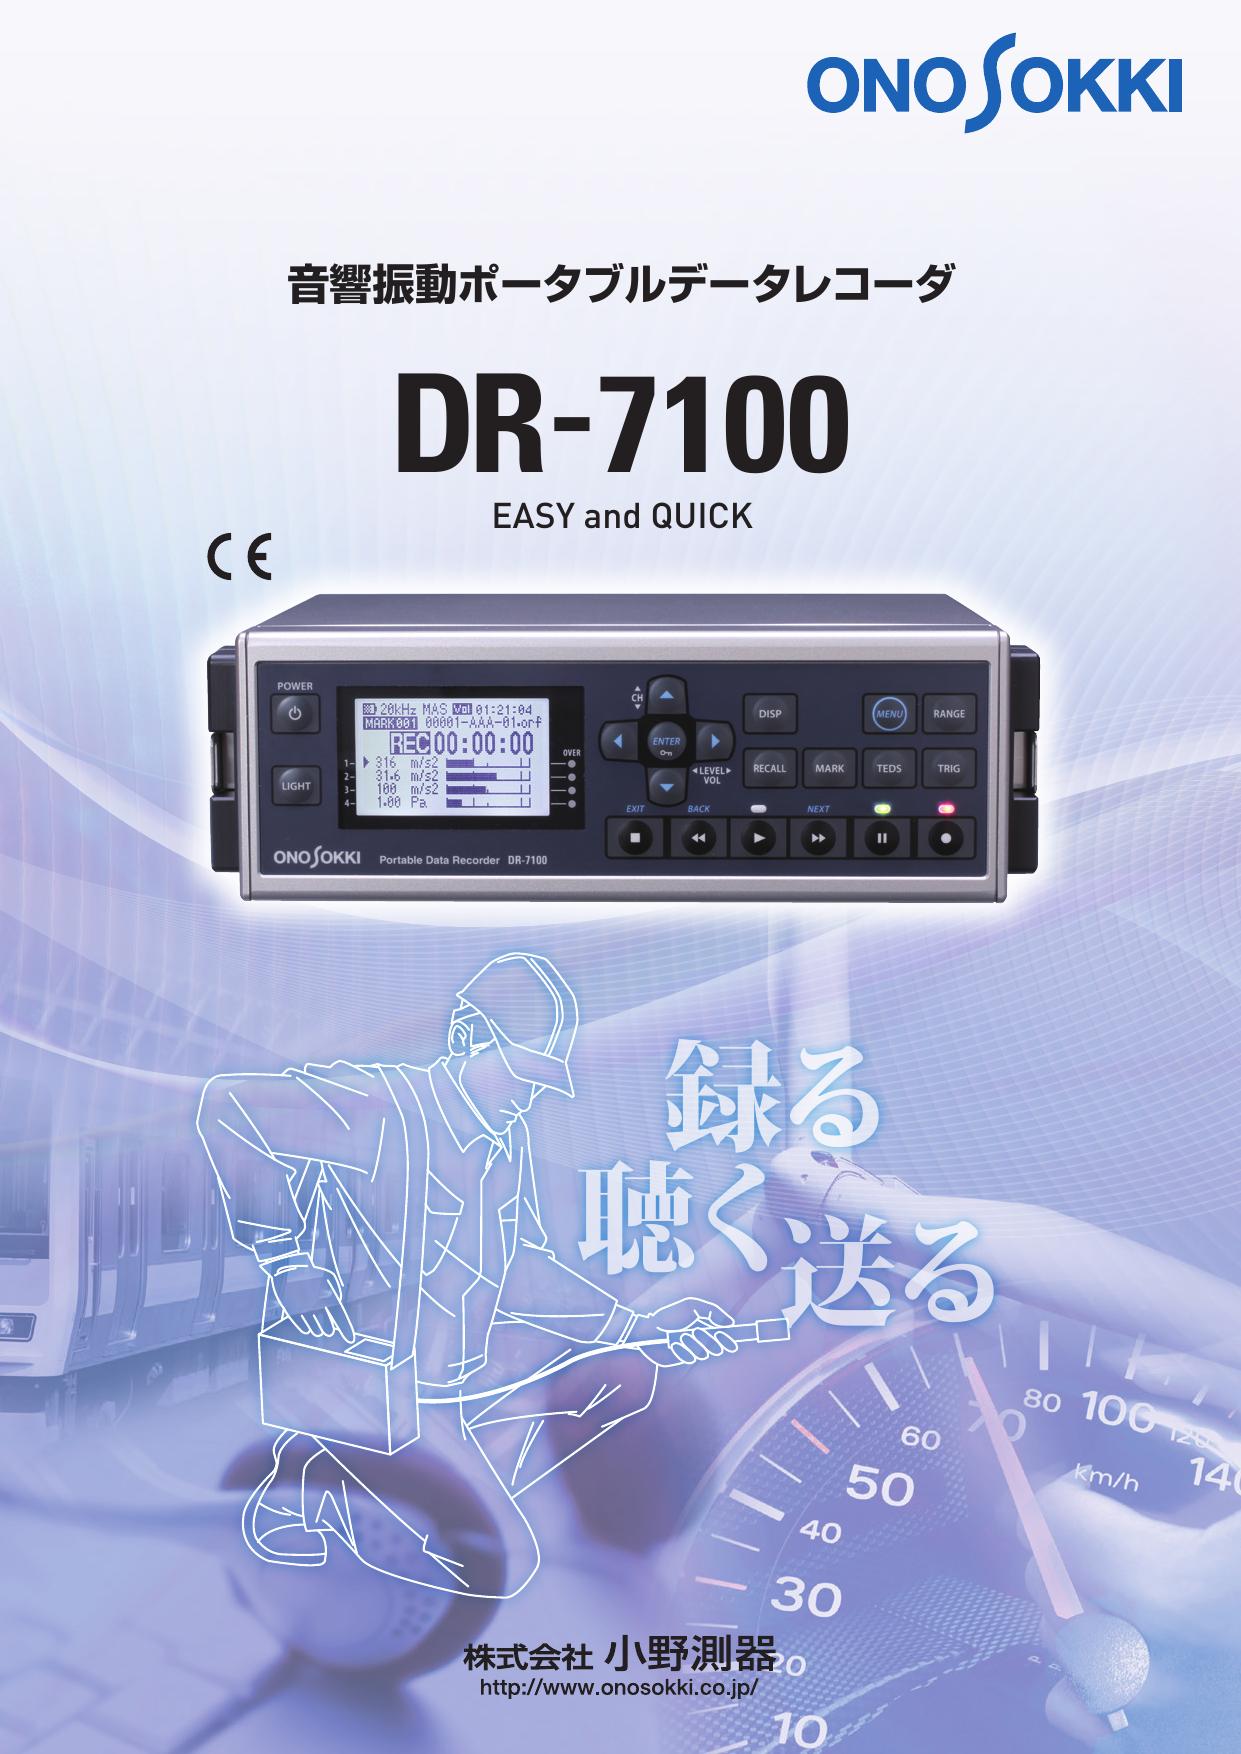 音響振動ポータブルデータレコーダ